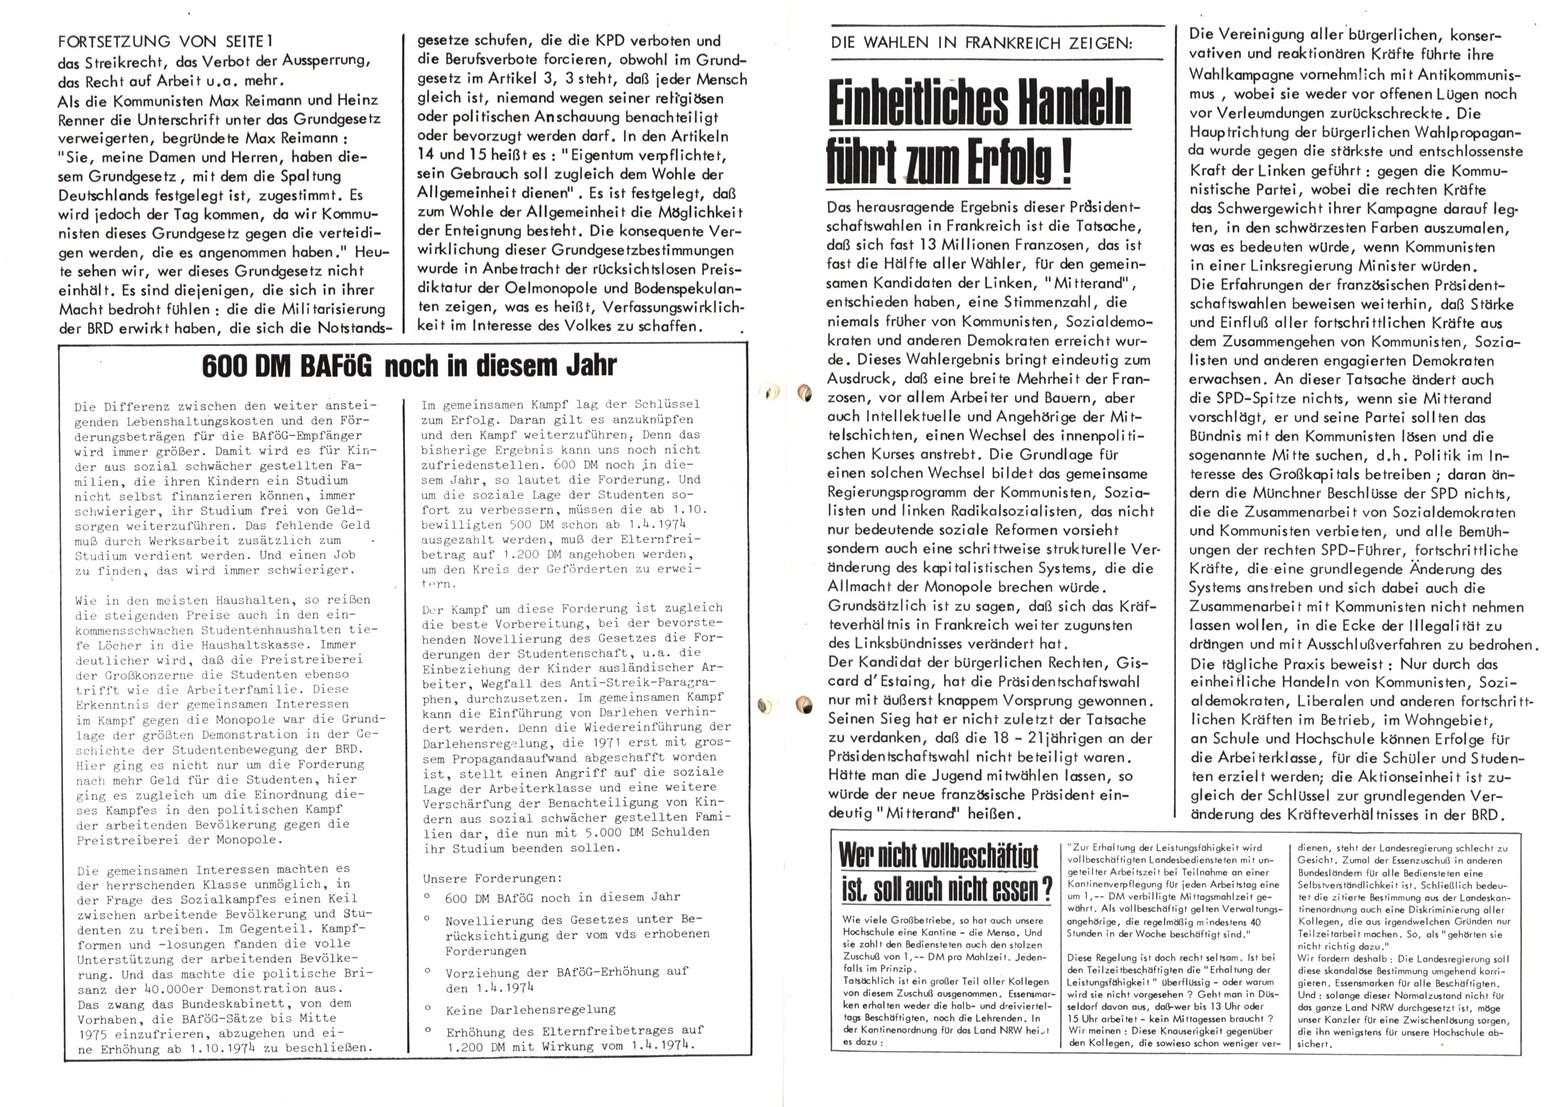 Essen_DKP_Kommunist_19740500_02